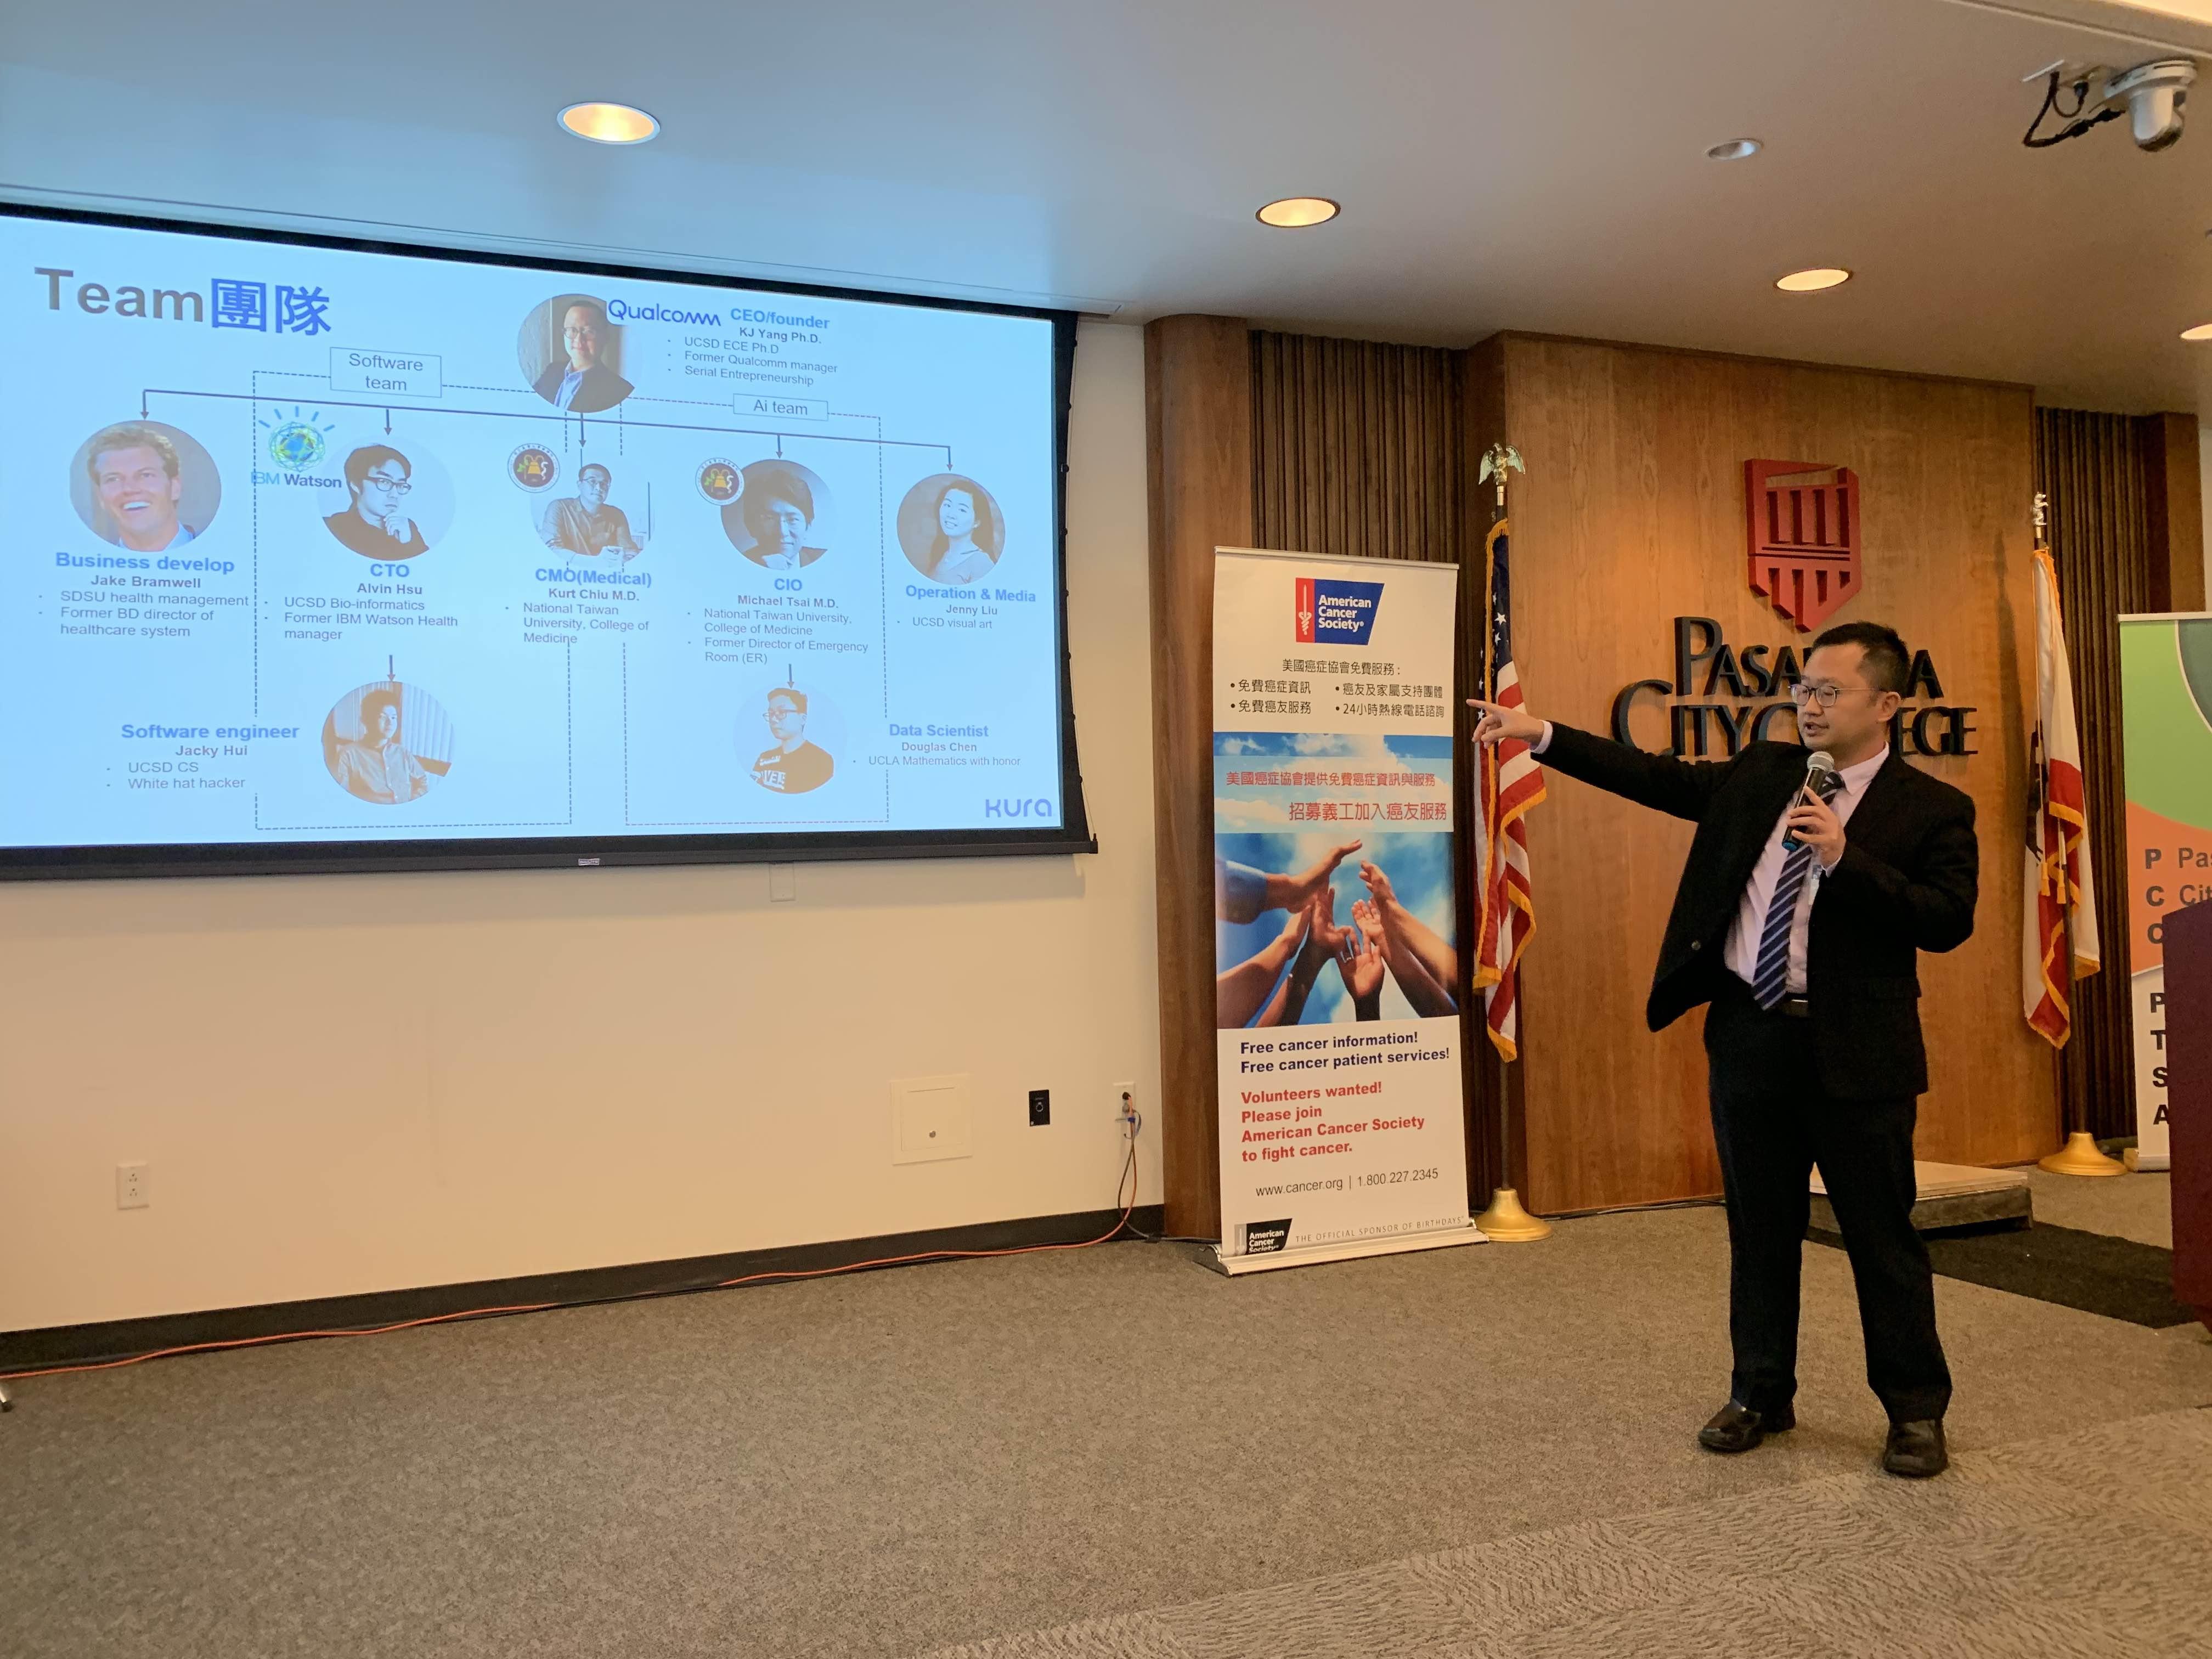 電子醫療公司負責人 K.J.Yang(楊博士)與會中探討如何利用人工智能對抗心臟病。記者隋懿軒攝